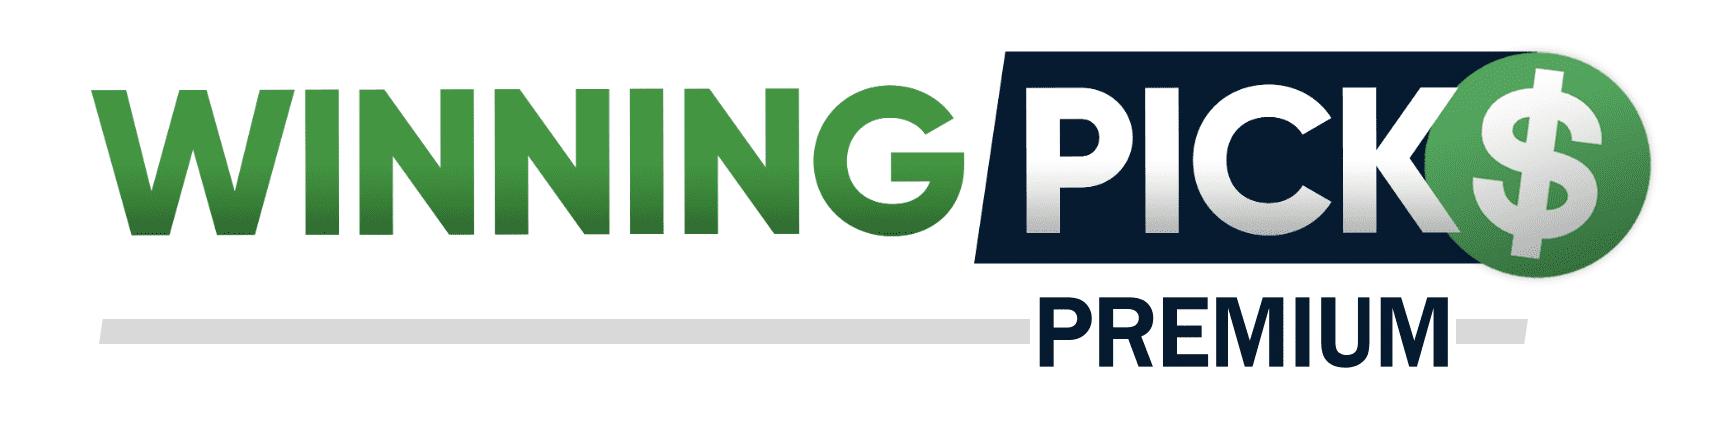 WP Premium logo